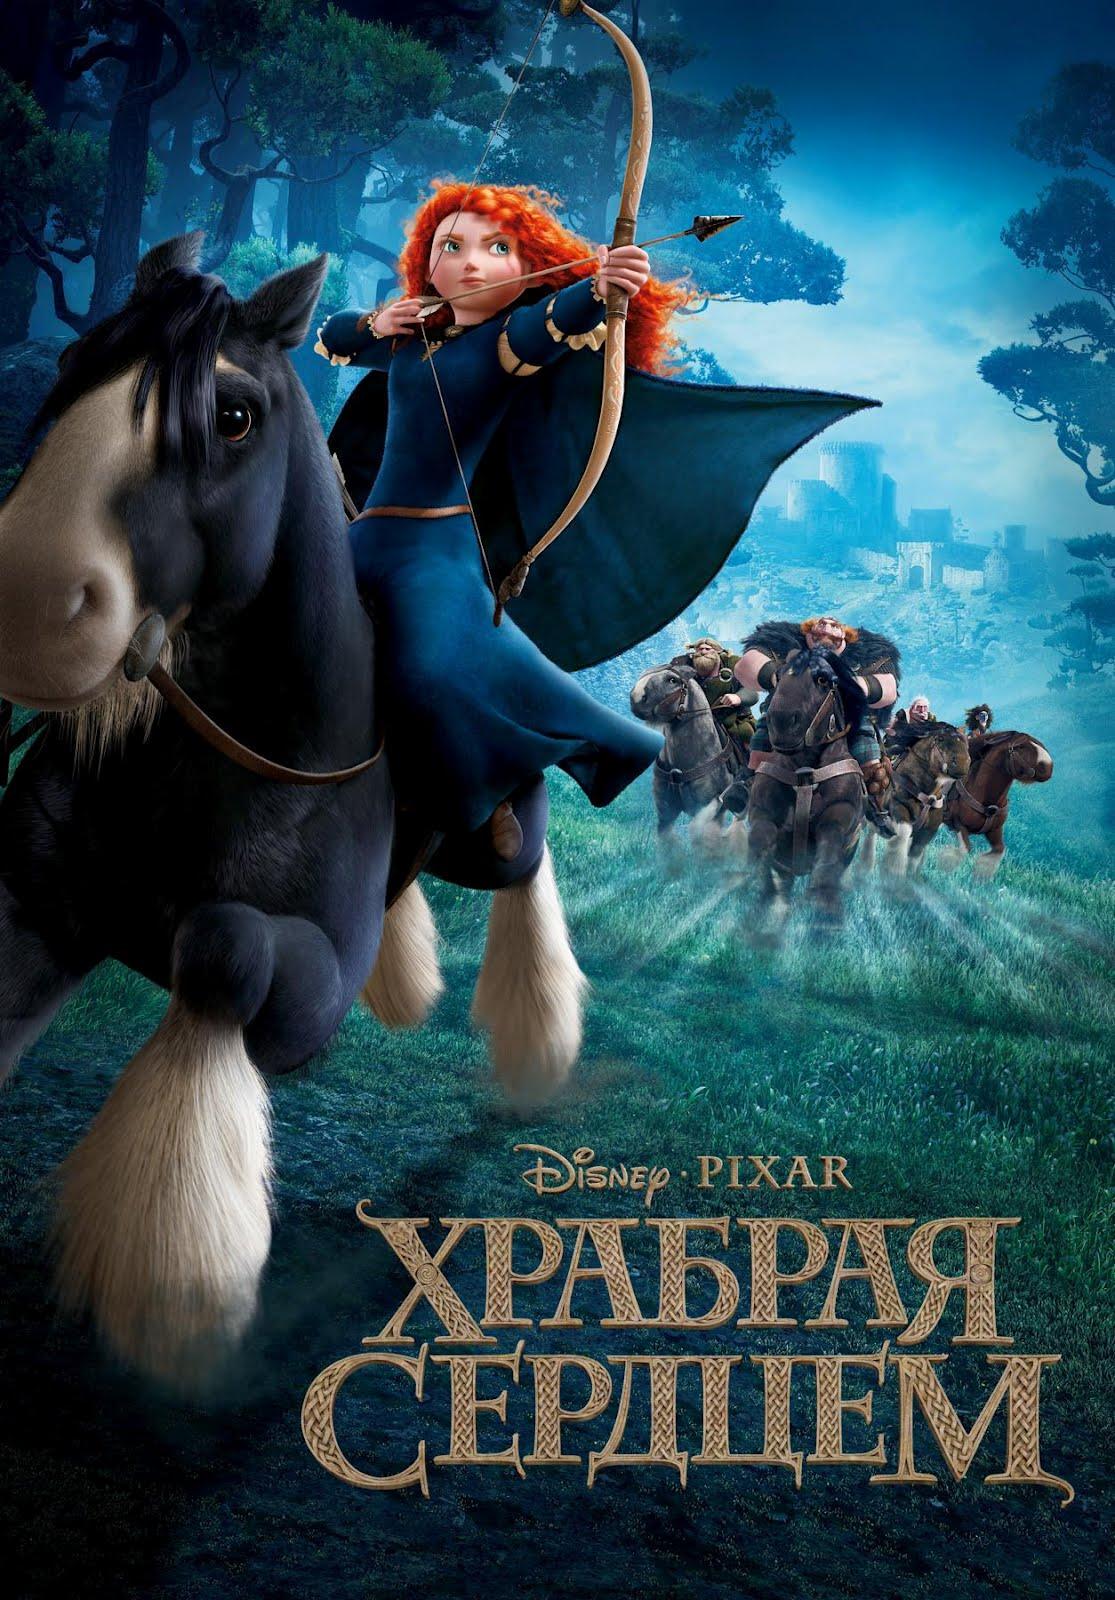 http://4.bp.blogspot.com/-PspNRyLLn1k/UCgjLJA52sI/AAAAAAAAAhI/UX5n8Bkr7No/s1600/brave-indomable-valiente-disney-pixar-princesa-merida-princess-pelicula-movie-poster-cartel-japon-japan-japanese-critica-rese%25C3%25B1a.jpg